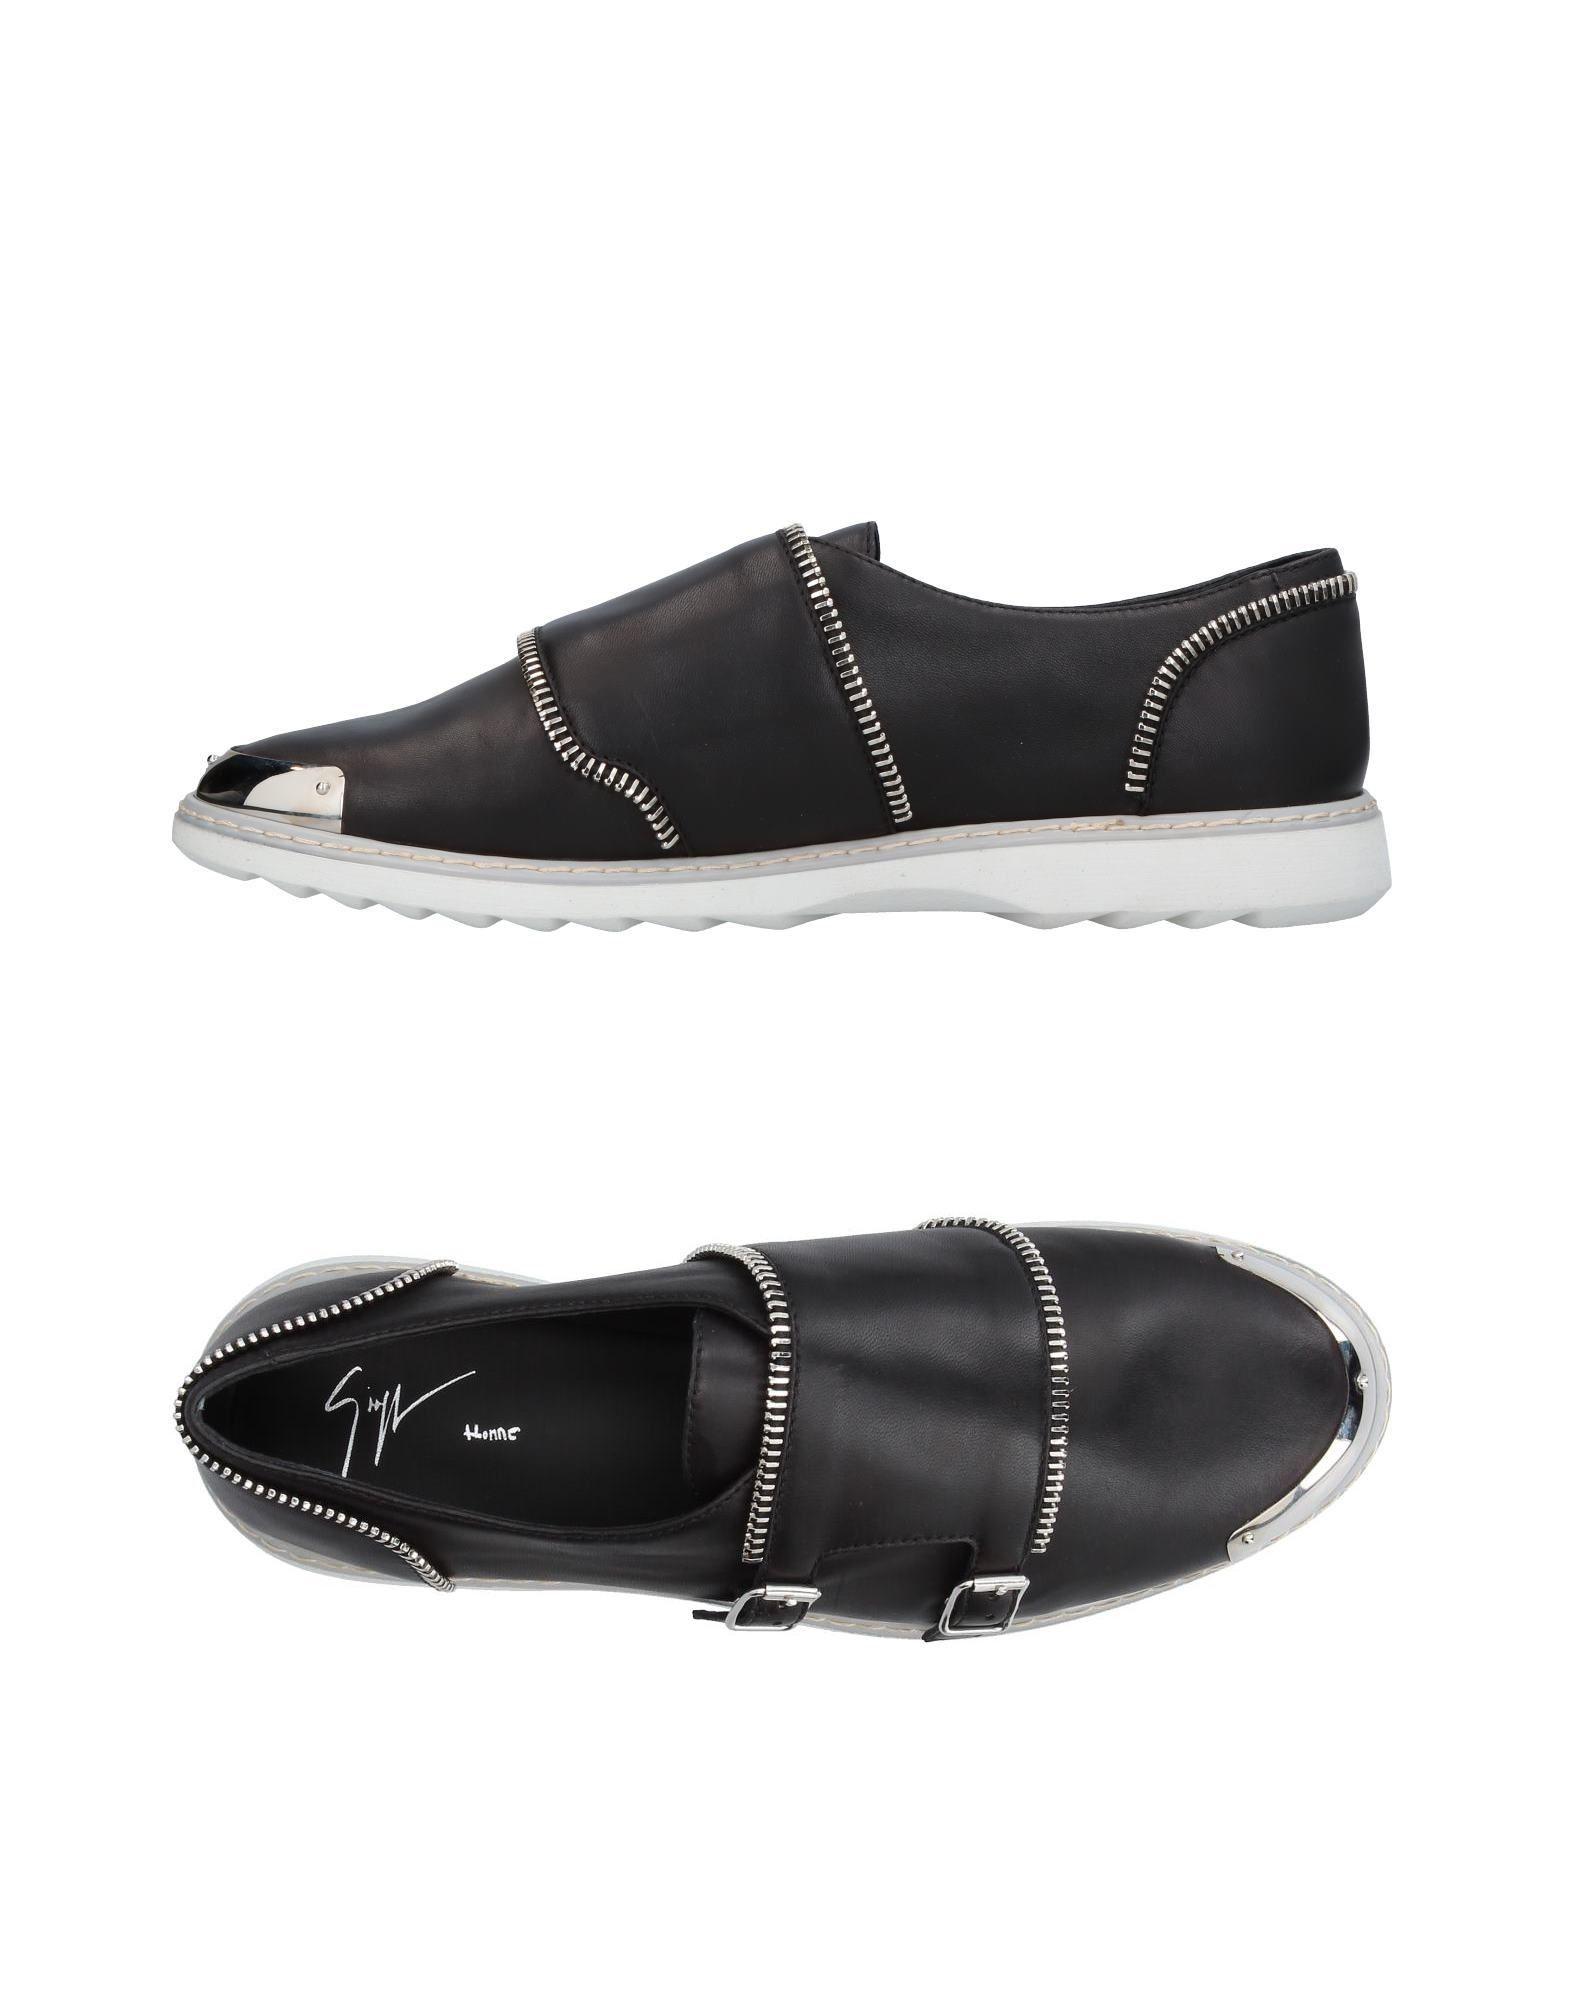 Giuseppe Zanotti Sneakers Sneakers - Men Giuseppe Zanotti Sneakers Sneakers online on  Australia - 11400082QX 186a5f